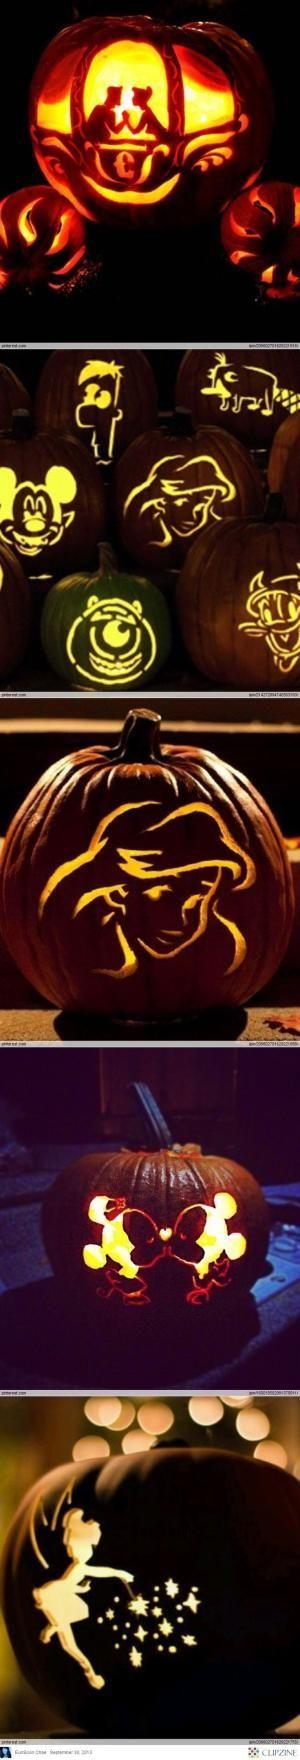 Disney Pumpkin Carving Ideas by addie - #addie #CARVING # ...